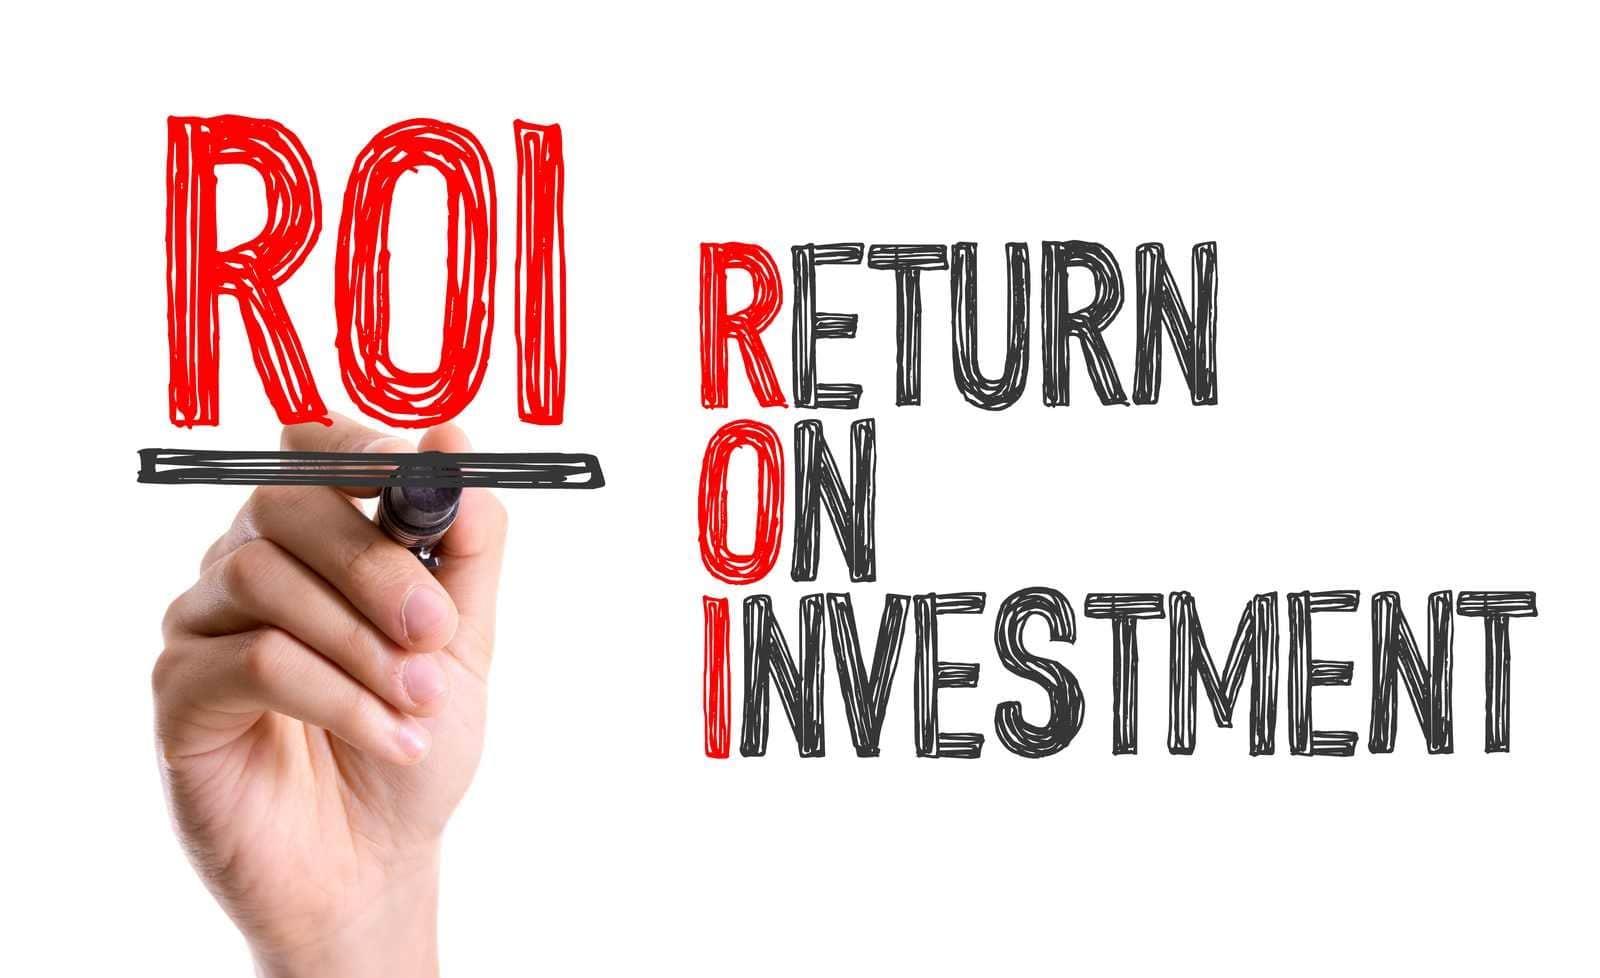 نرخ بازگشت سرمایه در بازاریابی دیجیتال پزشکی